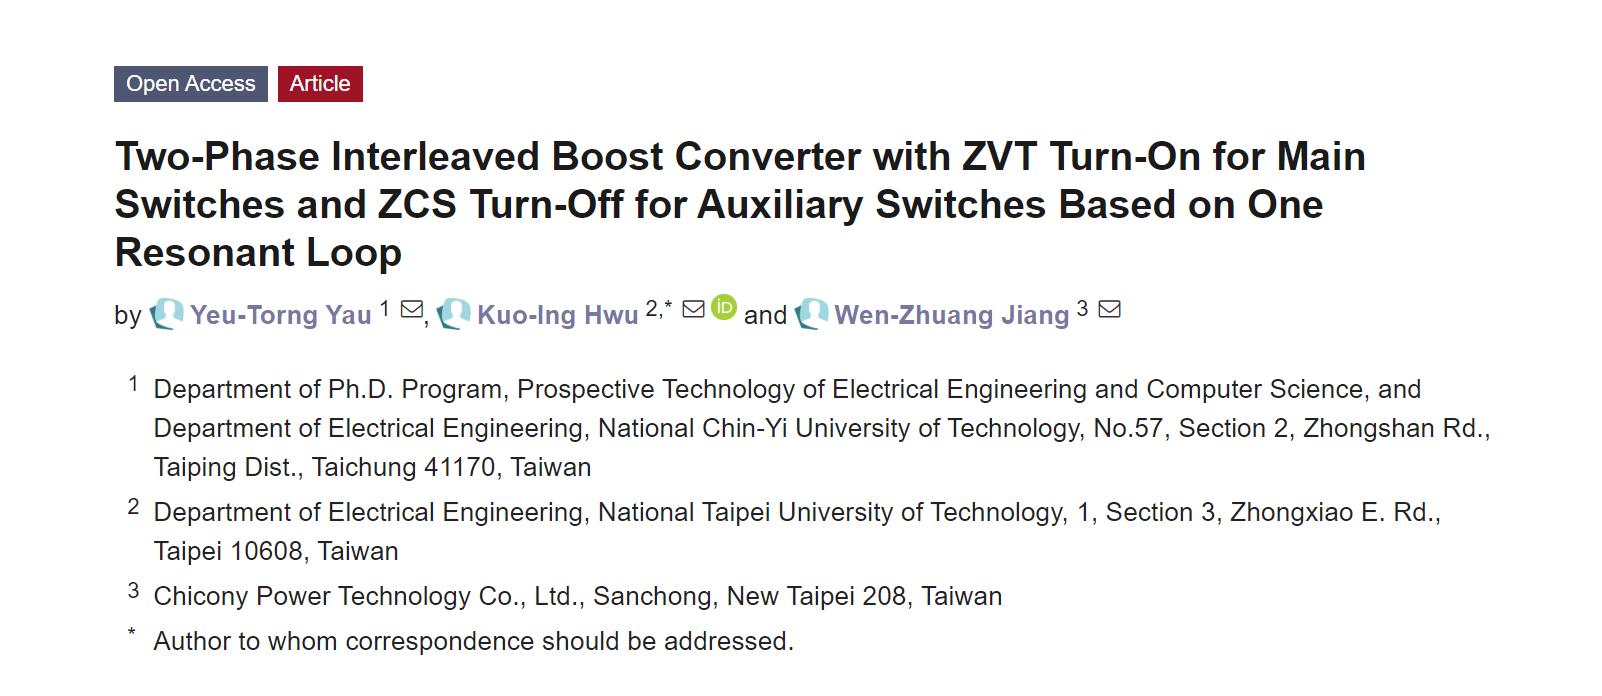 新型交错式升压转换器,可有效降低电源能耗!